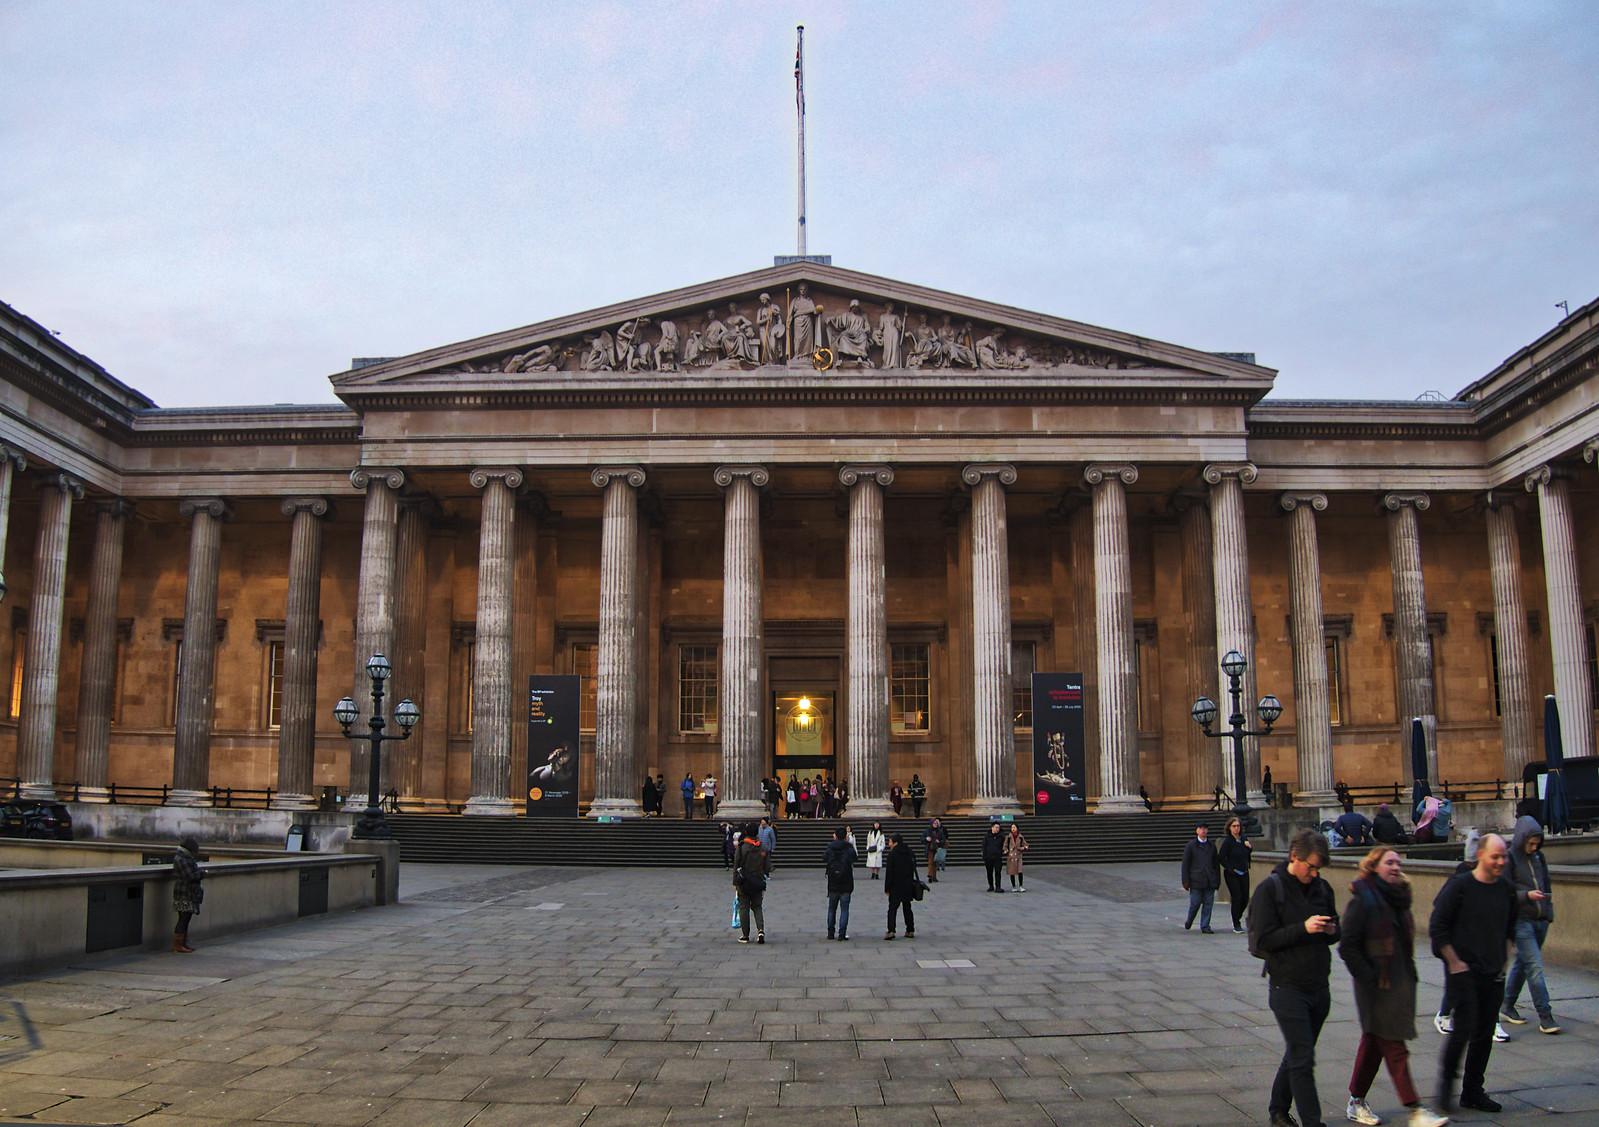 British Museum at last light